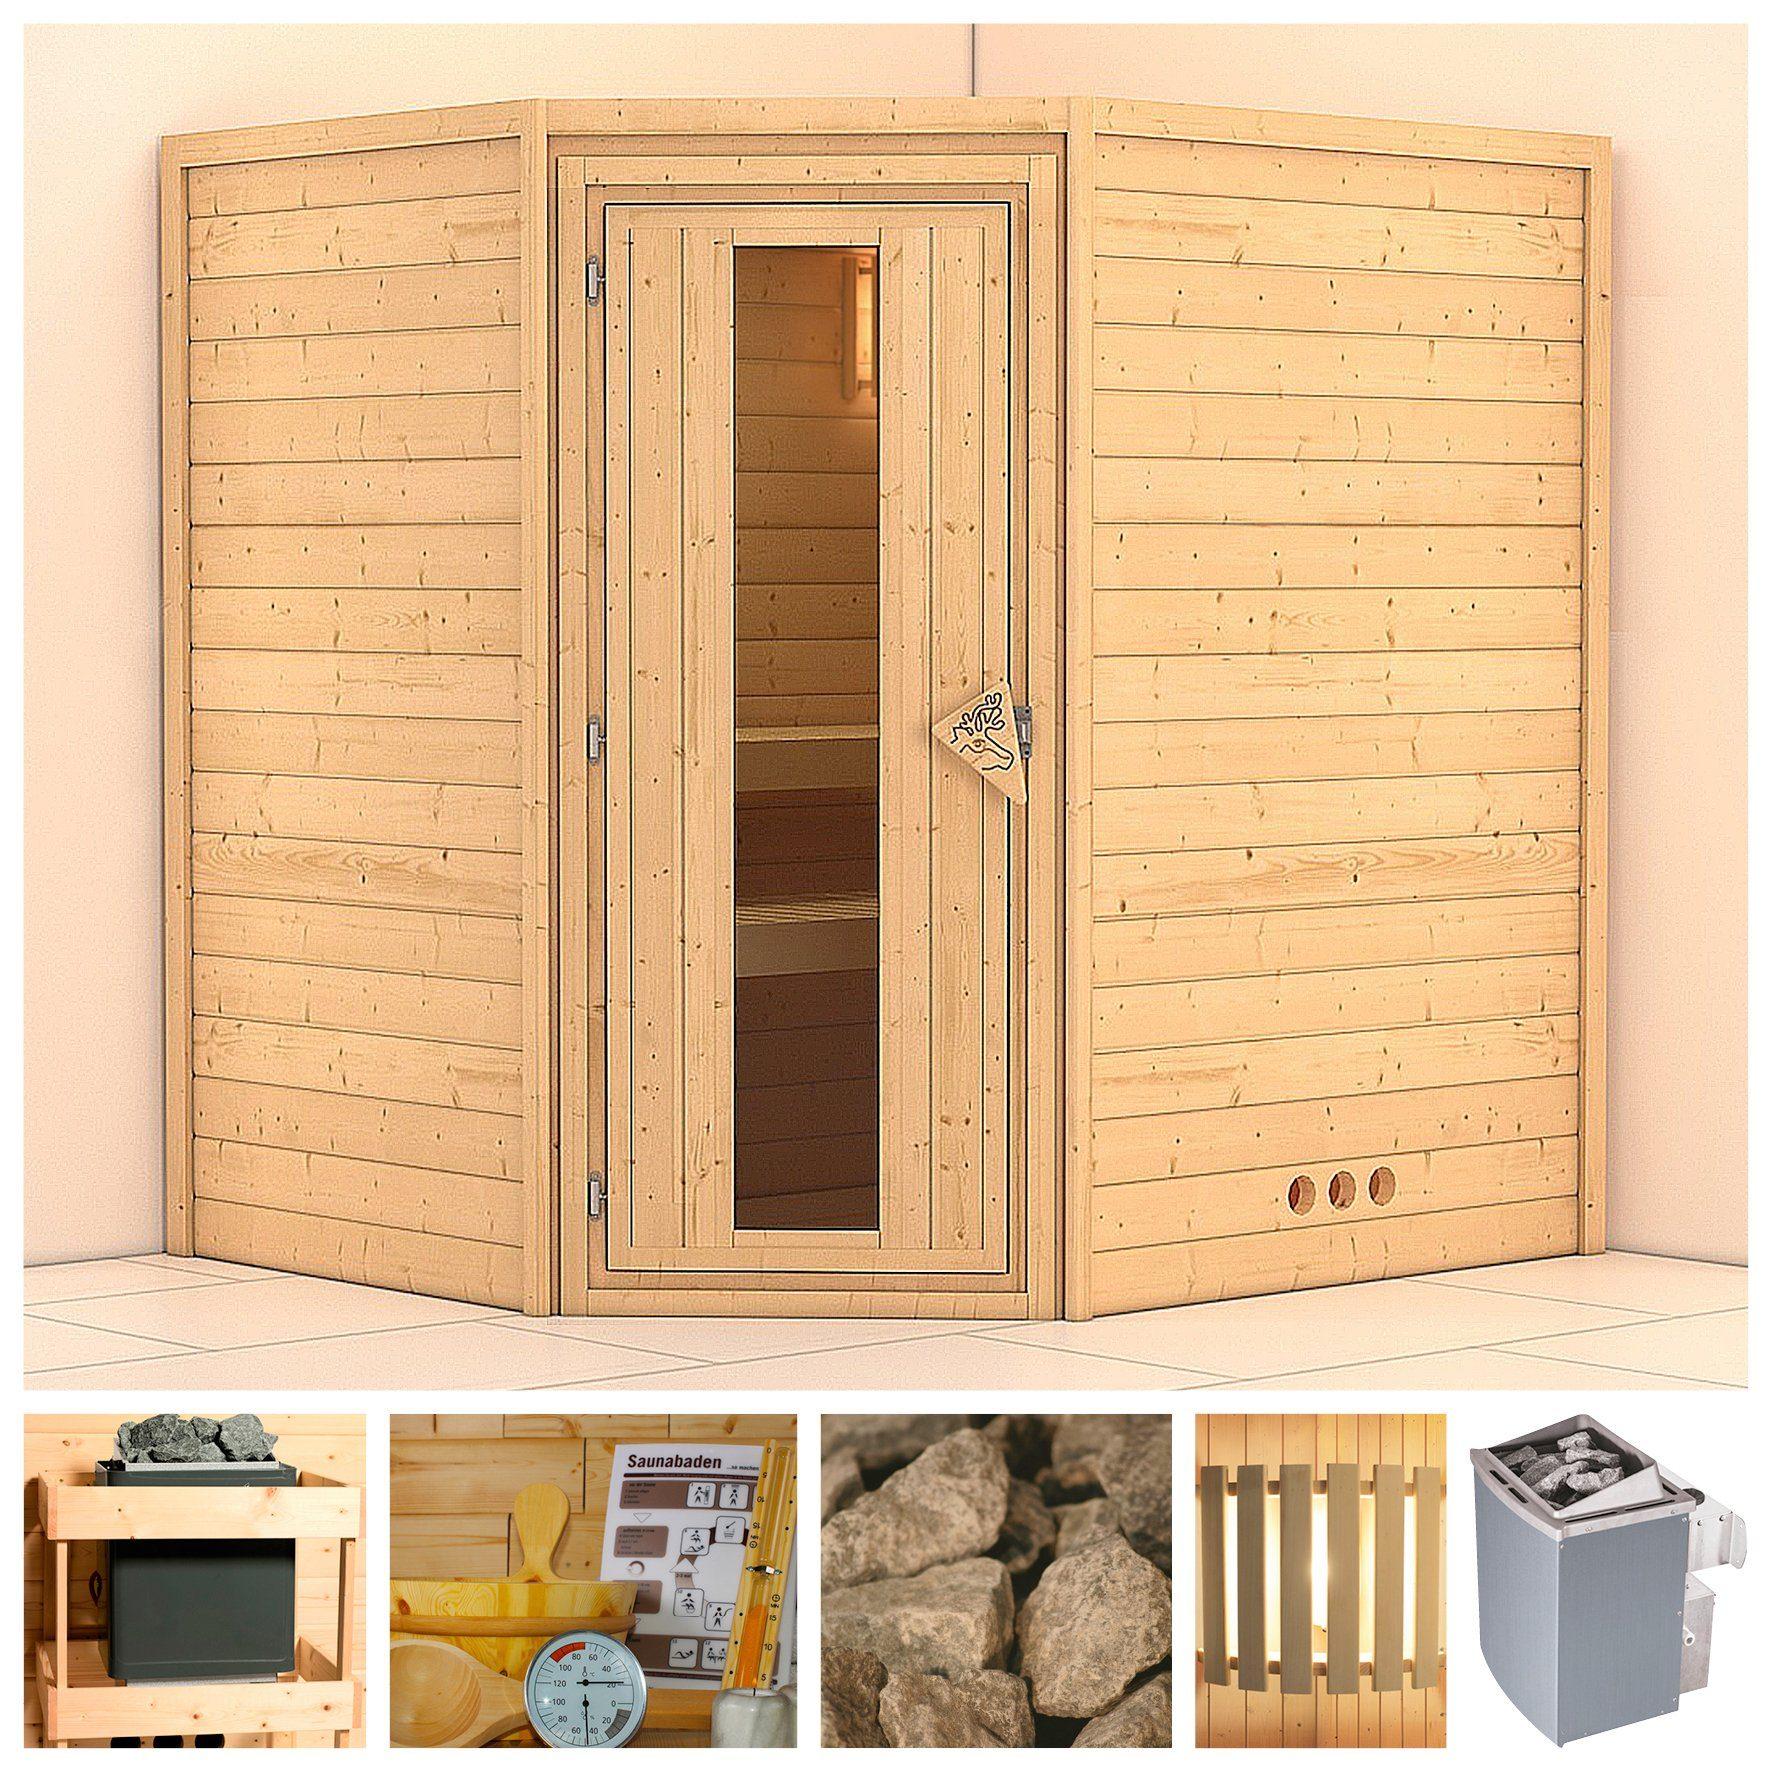 KONIFERA Sauna »Mia«, 196/170/200 cm, 9-kW-Ofen mit int. Steuerung, Holztür